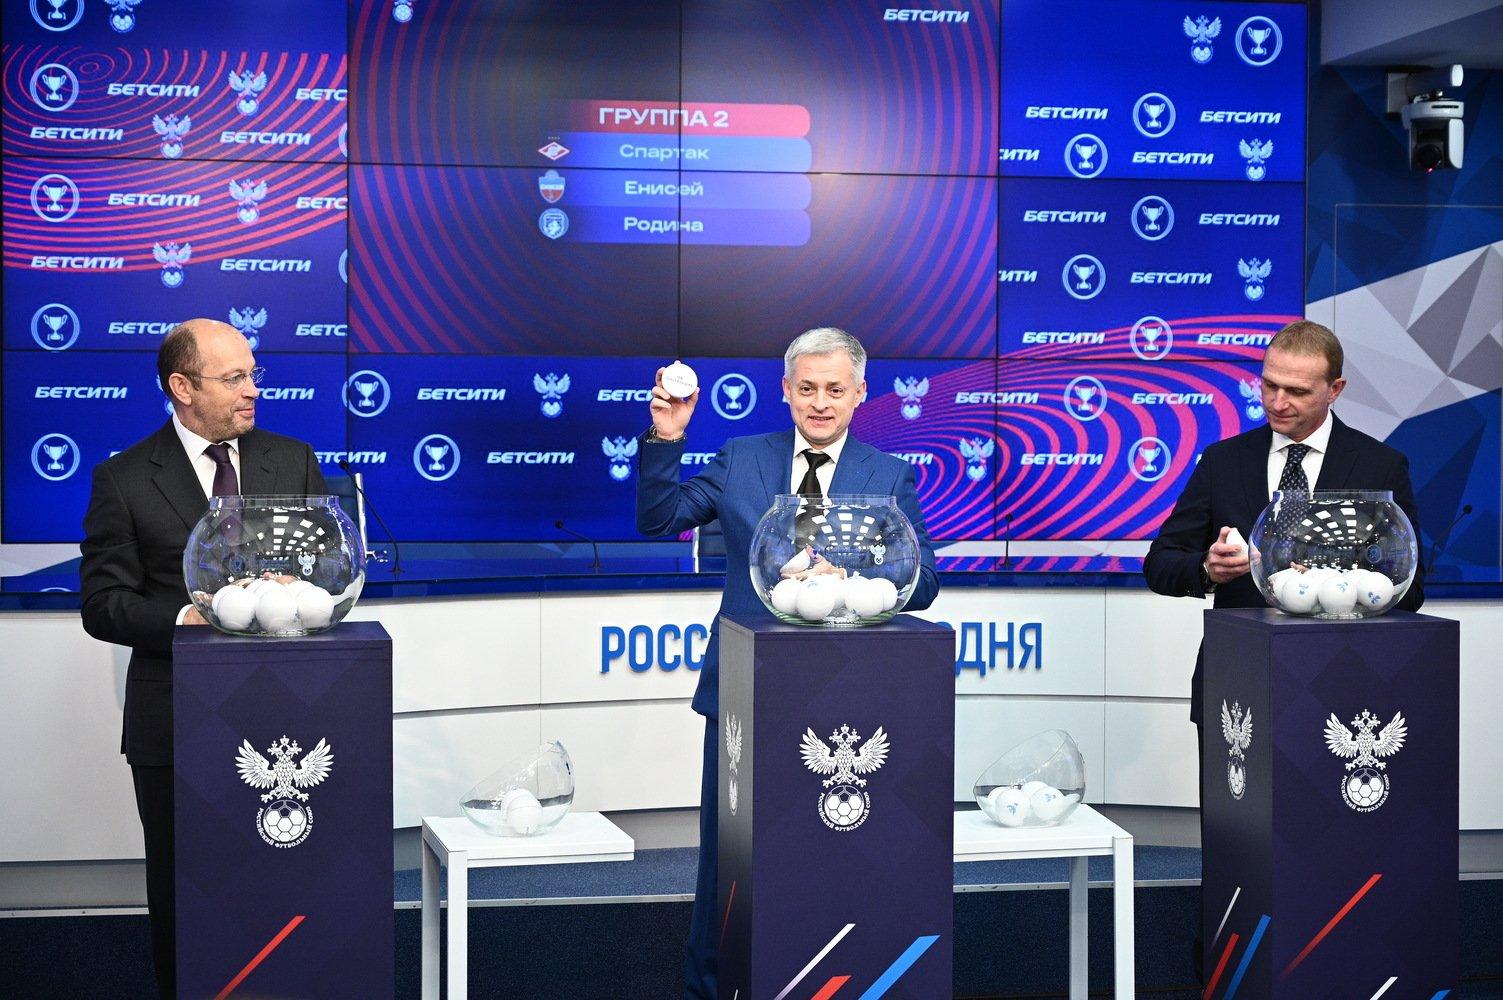 Кубок России теперь выглядит по-новому